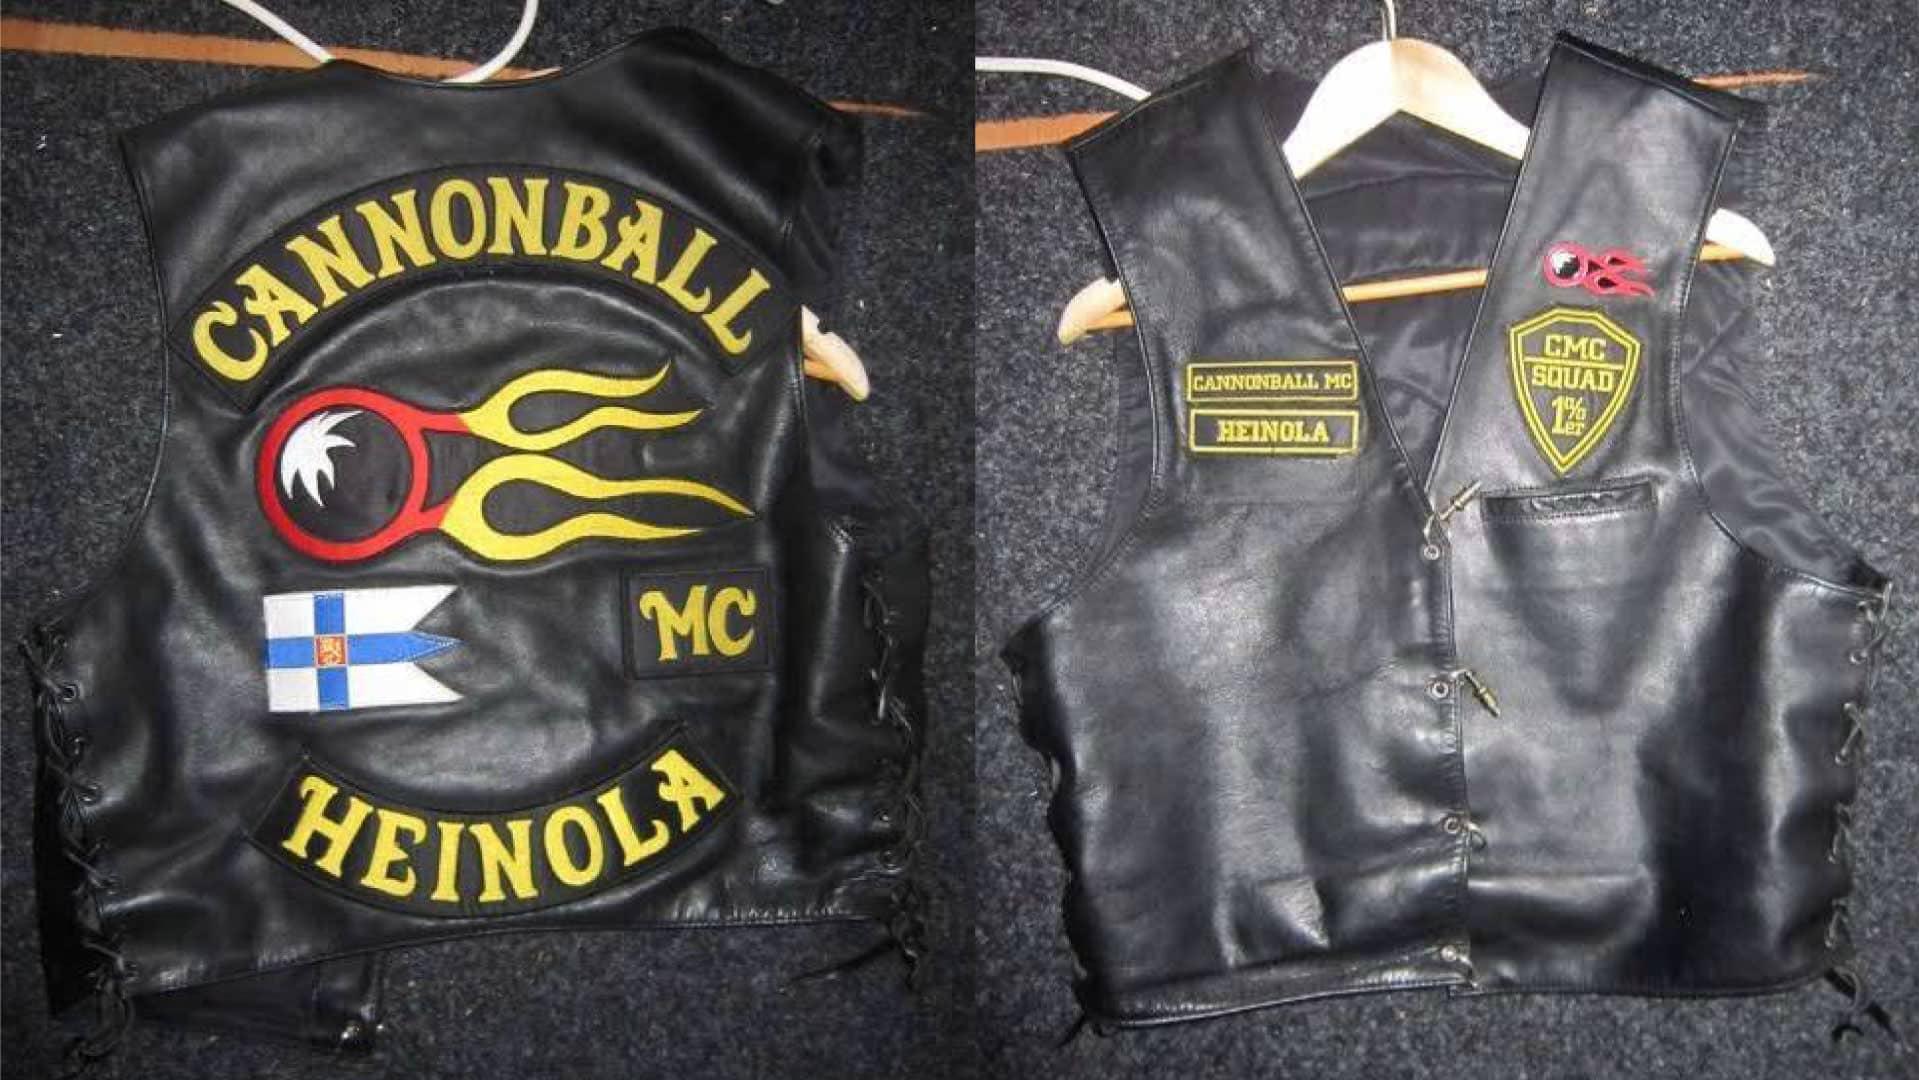 MC Cannonball -moottoripyöräkerhon liiveistä edestä ja takaa. Liivit on mustaa nahkaa ja niihin on ommeltu keltavärisiä tekstejä.